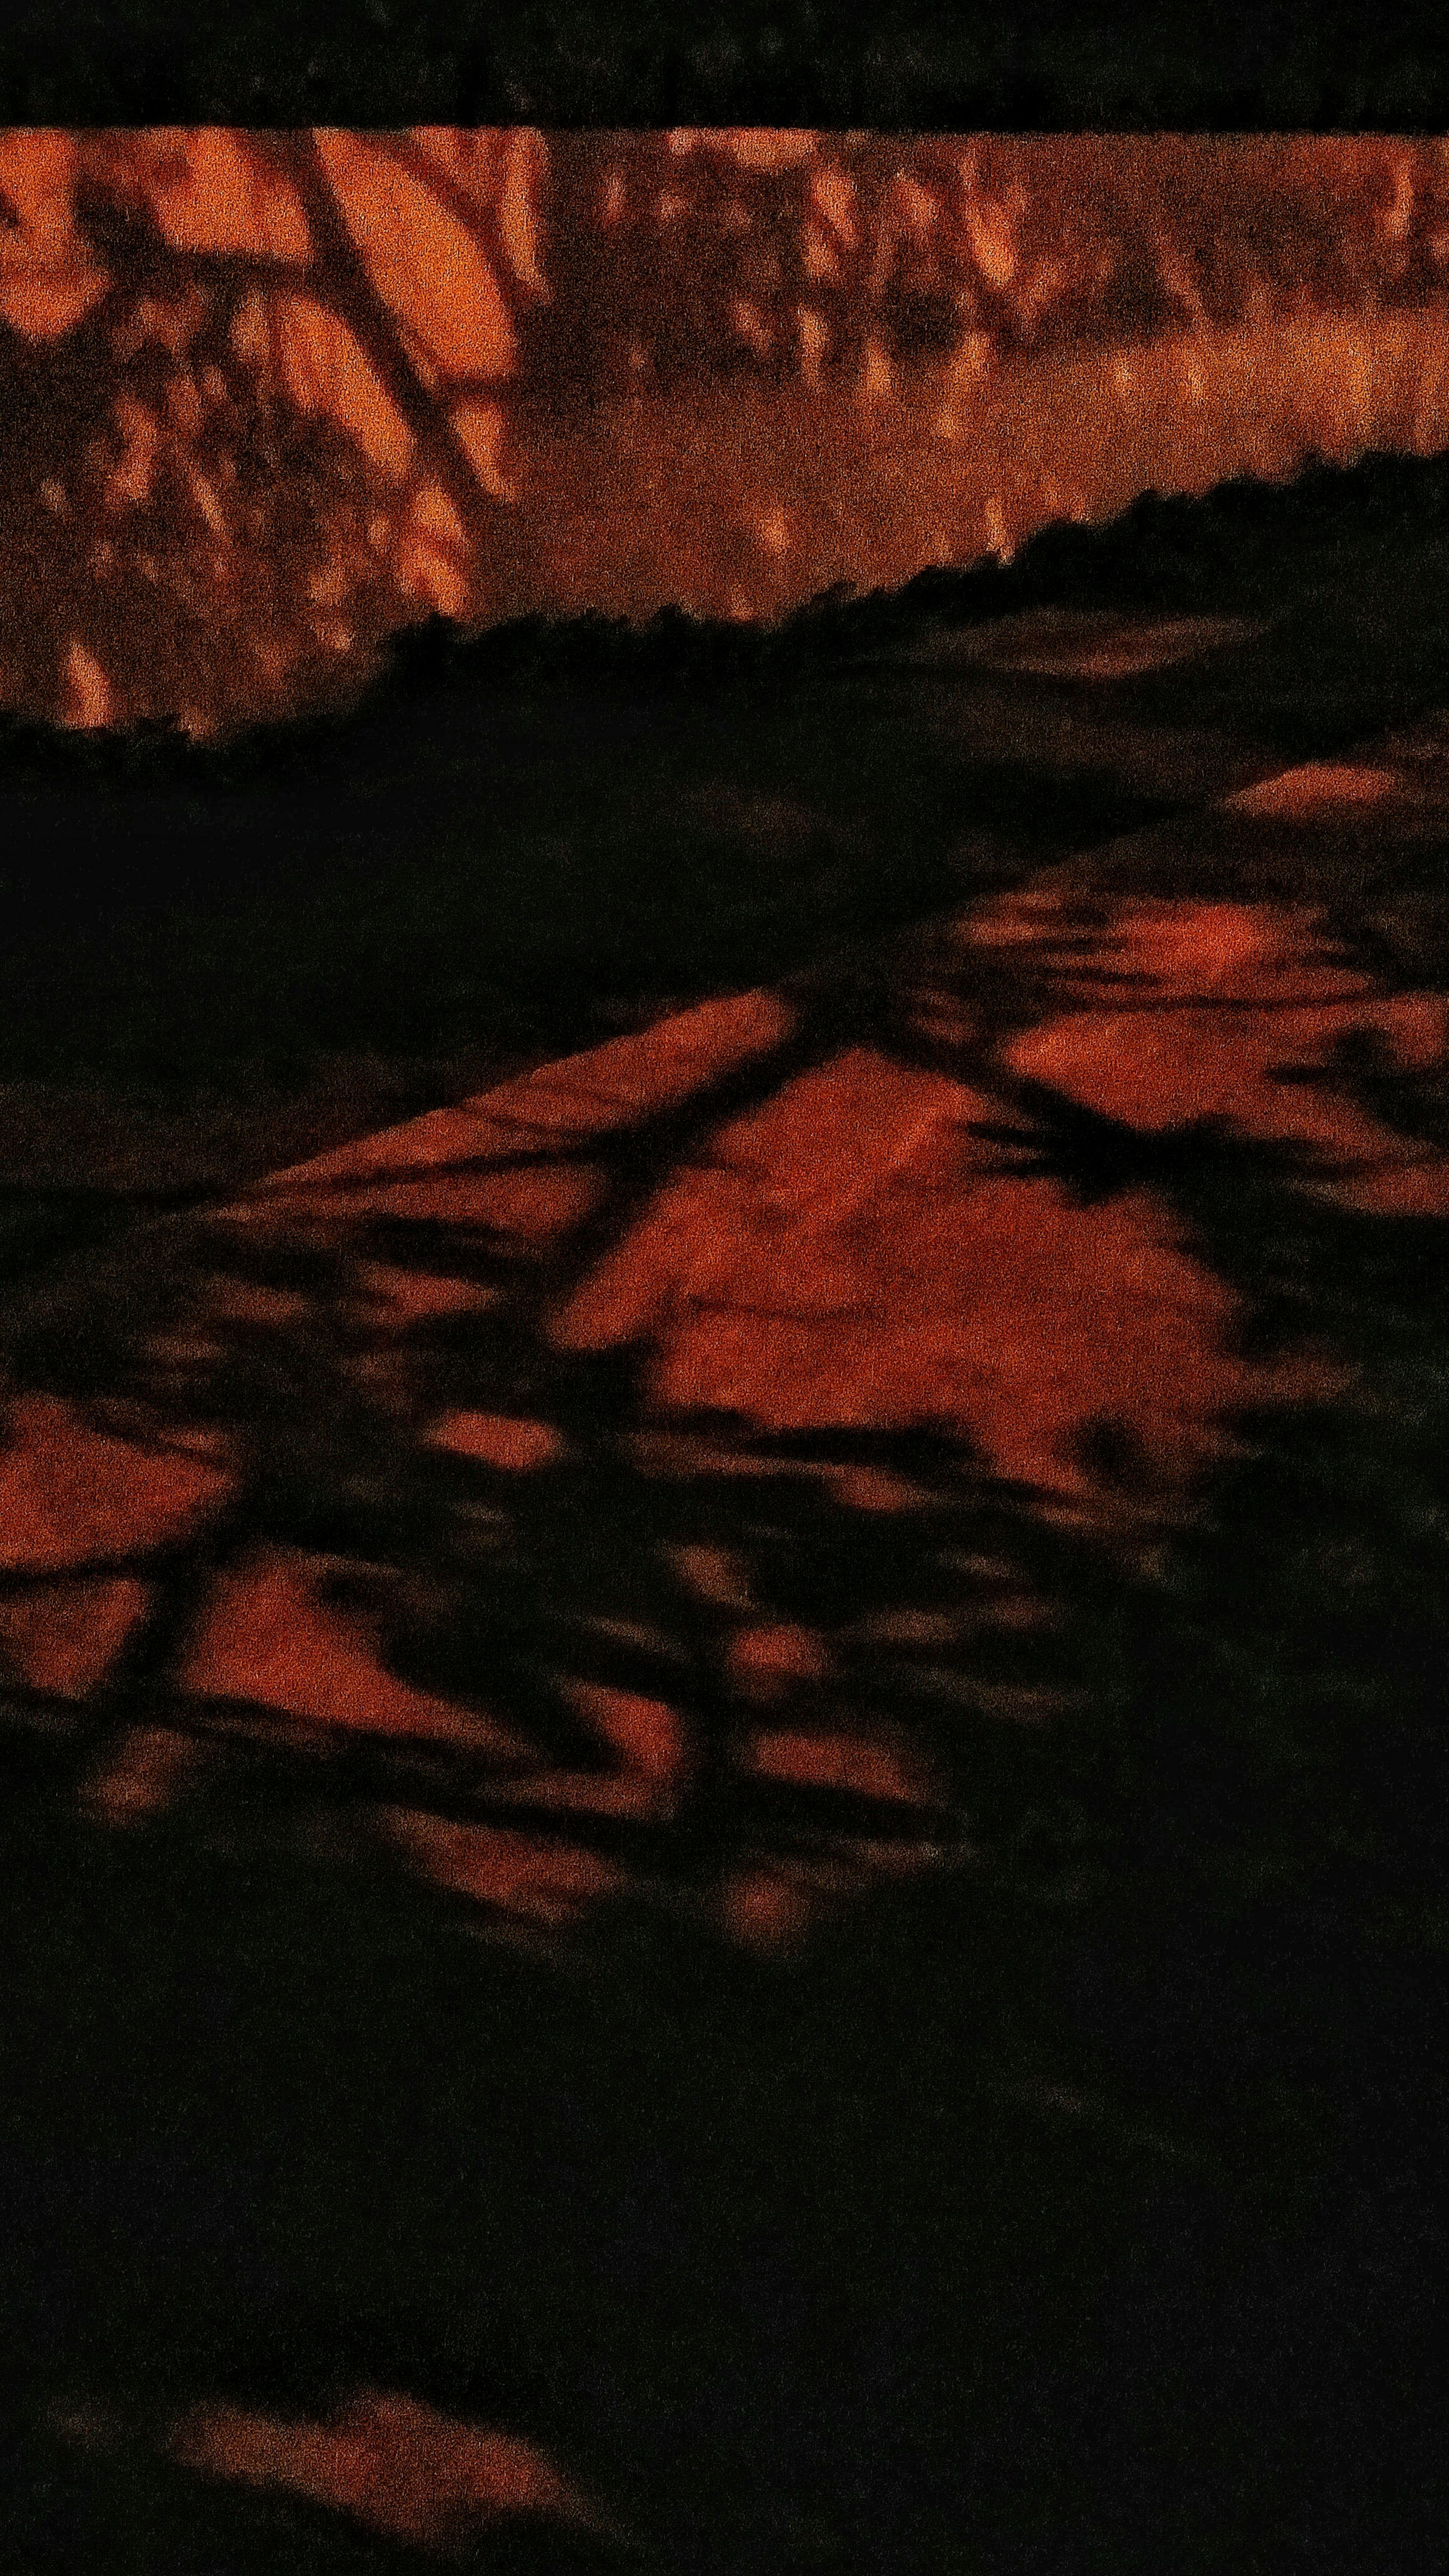 Trees Shadows Light And Shadow Streetlight Way Home Condo Walls Nightphotography Eyeemcollection Eyeemphotography EyeEm Gallery